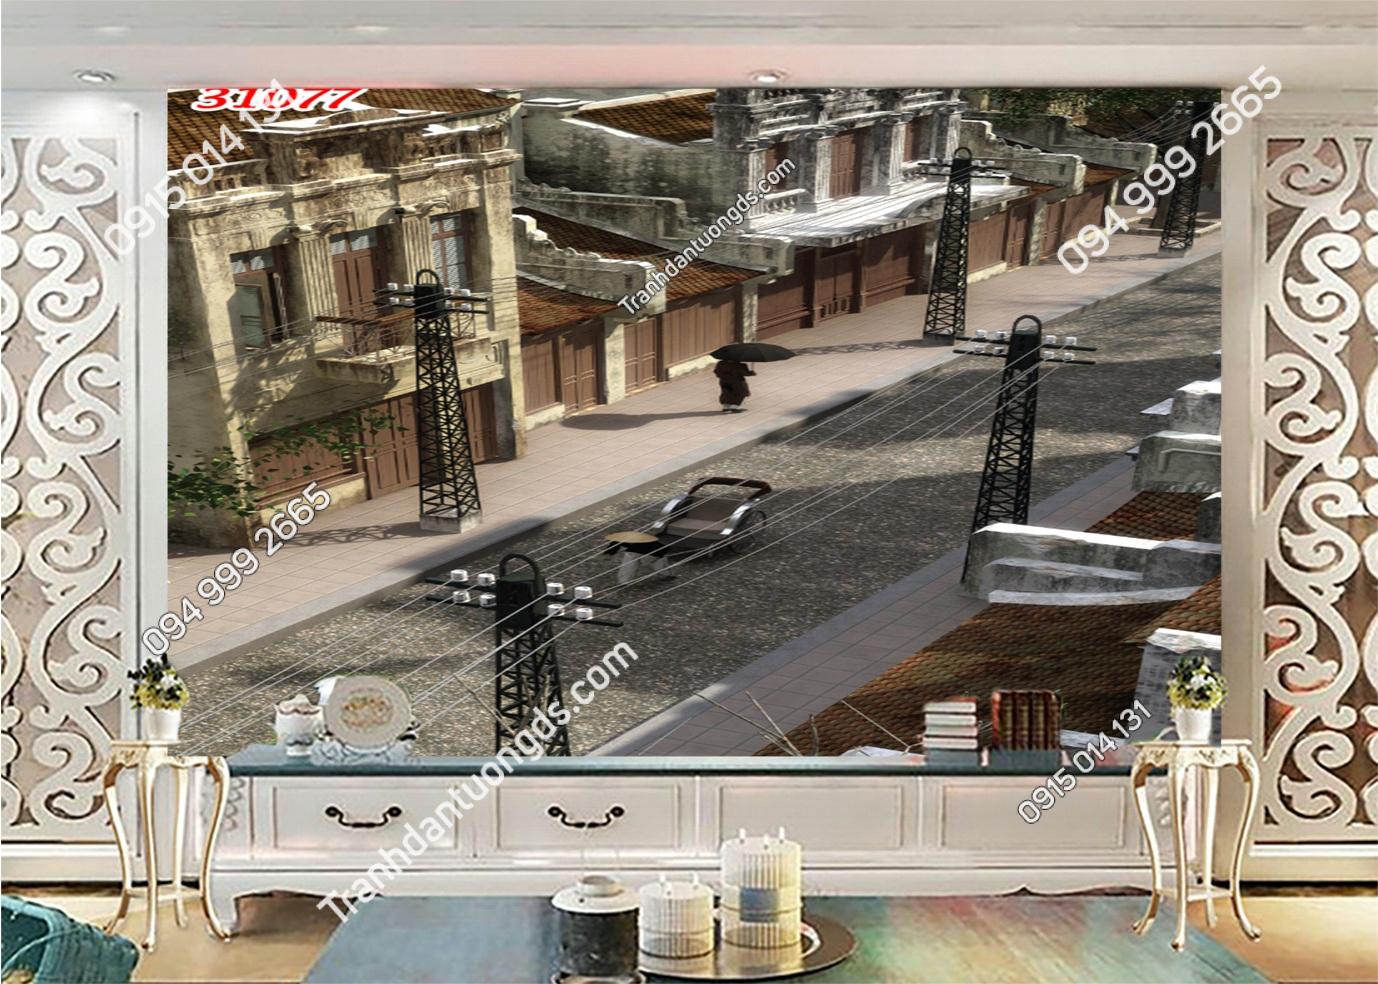 Tranh dán tường phố cổ Hà Nội xưa từ trên cao 31077